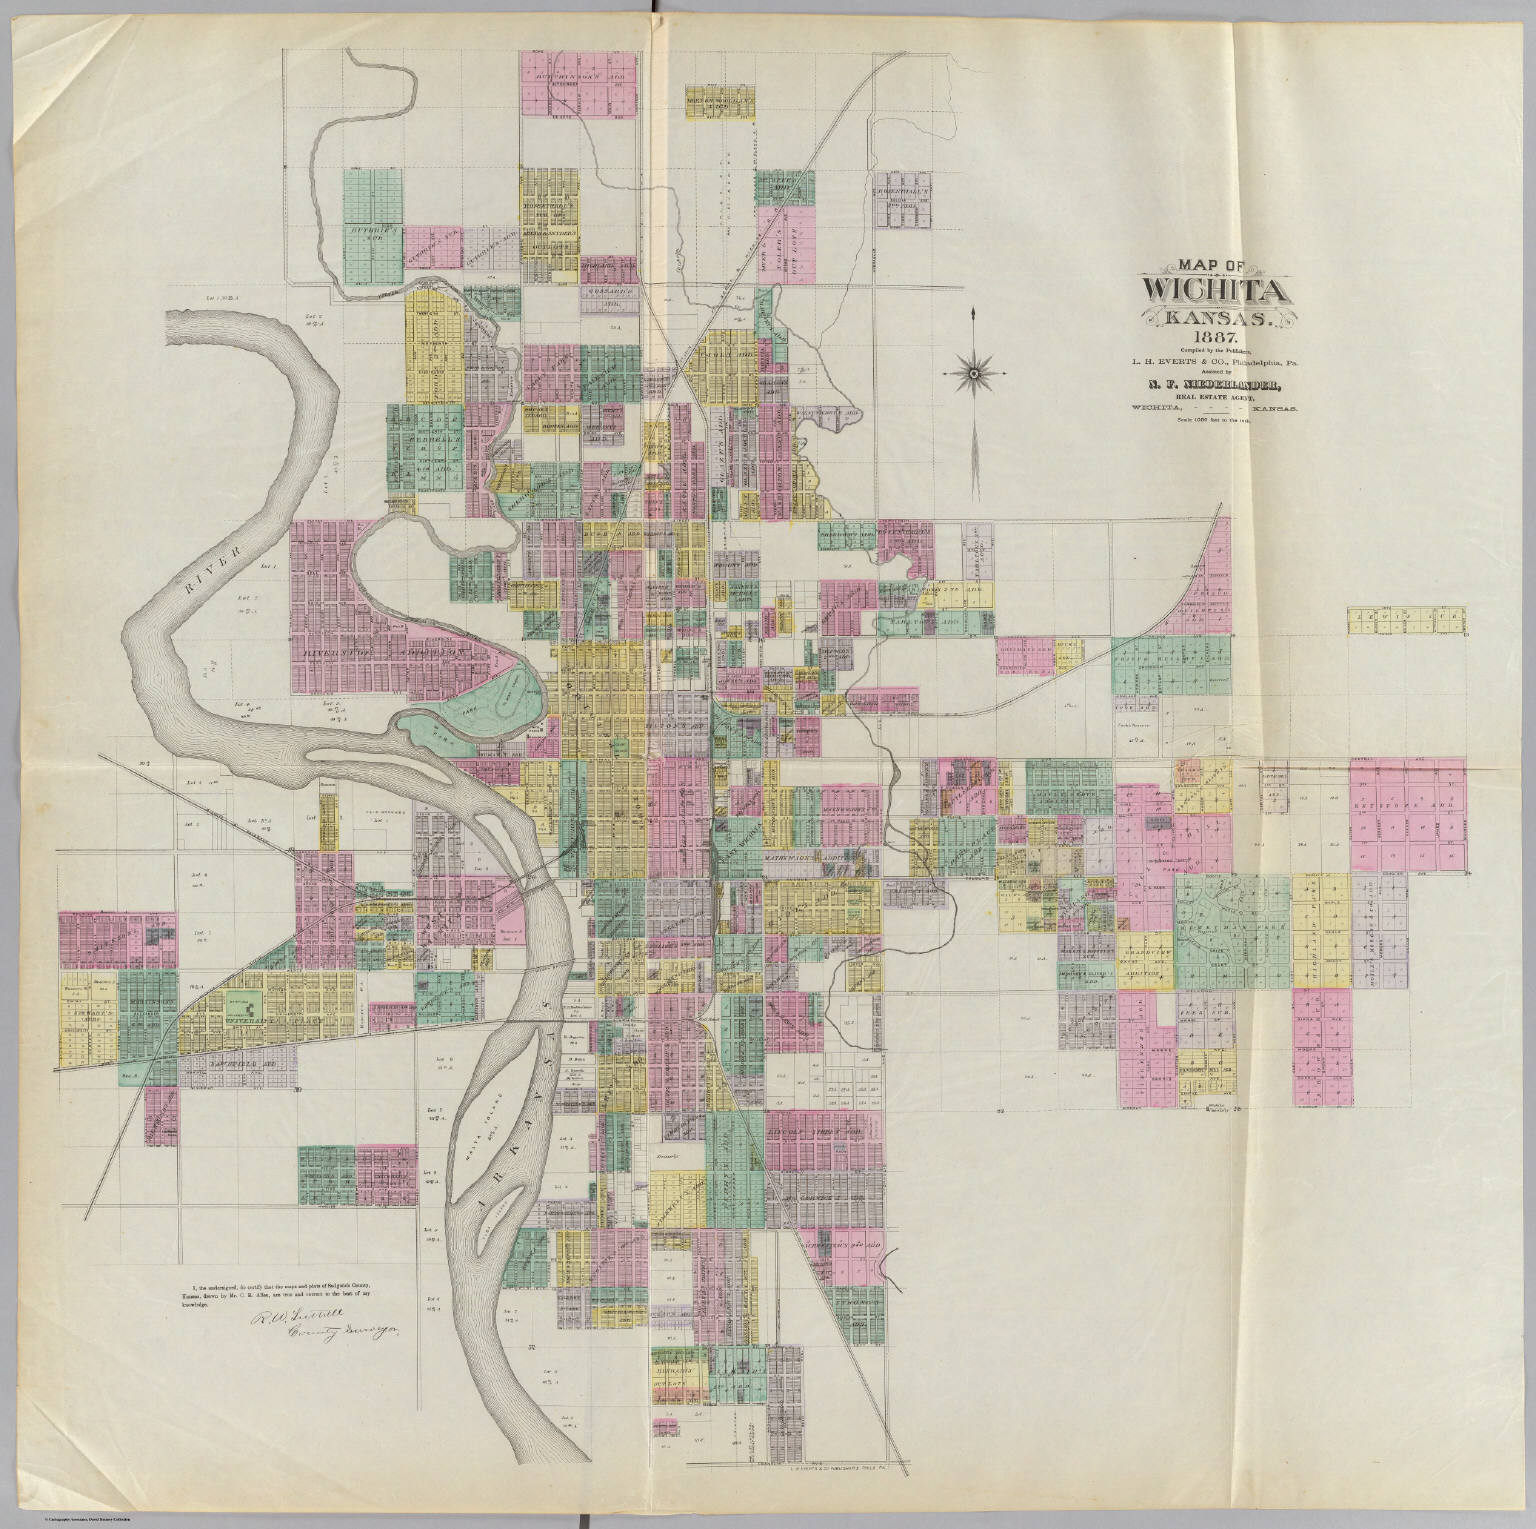 of Wichita Kansas LH Everts Co Niederlander N F Allen